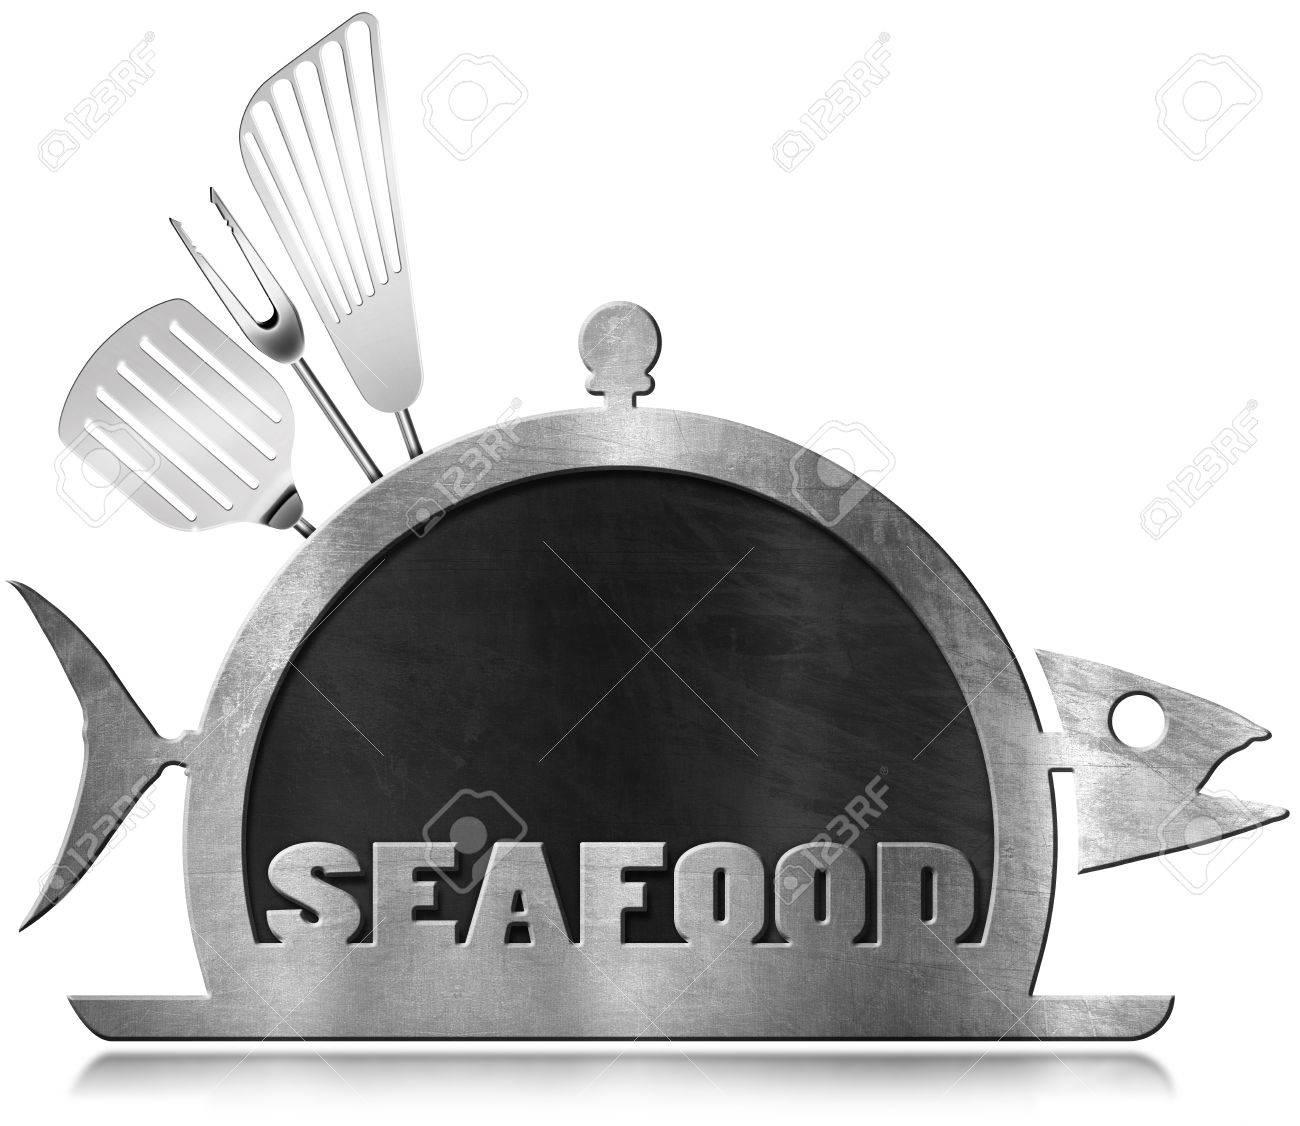 Tafel Mit Stahlrahmen In Form Von Fischen Und Servieren Kuppel Mit ...